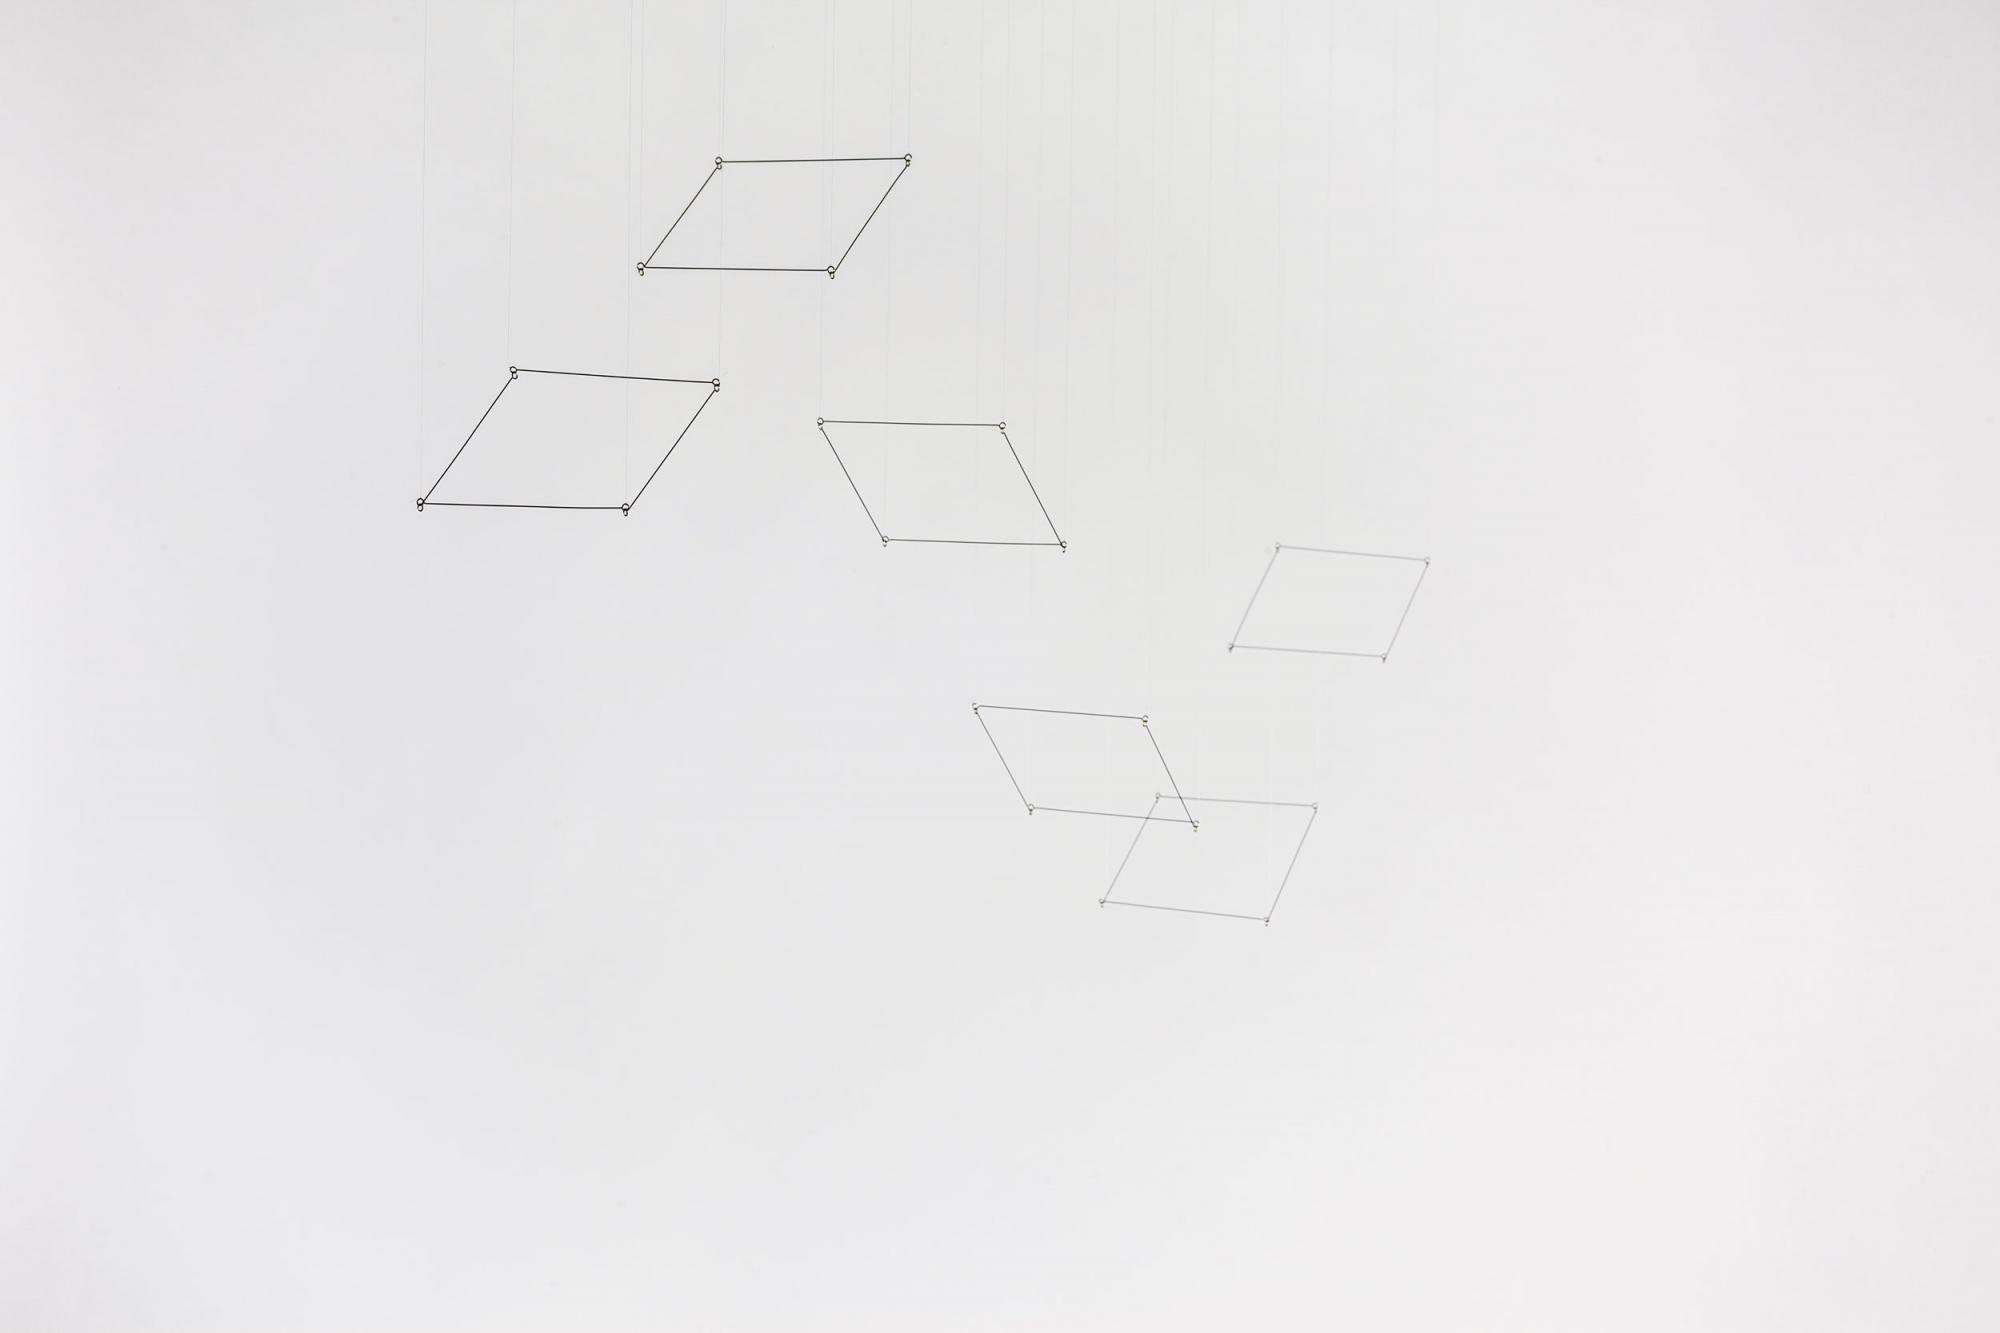 6 planos en l nea tapiz doble 2 elias crespin for Planos en linea